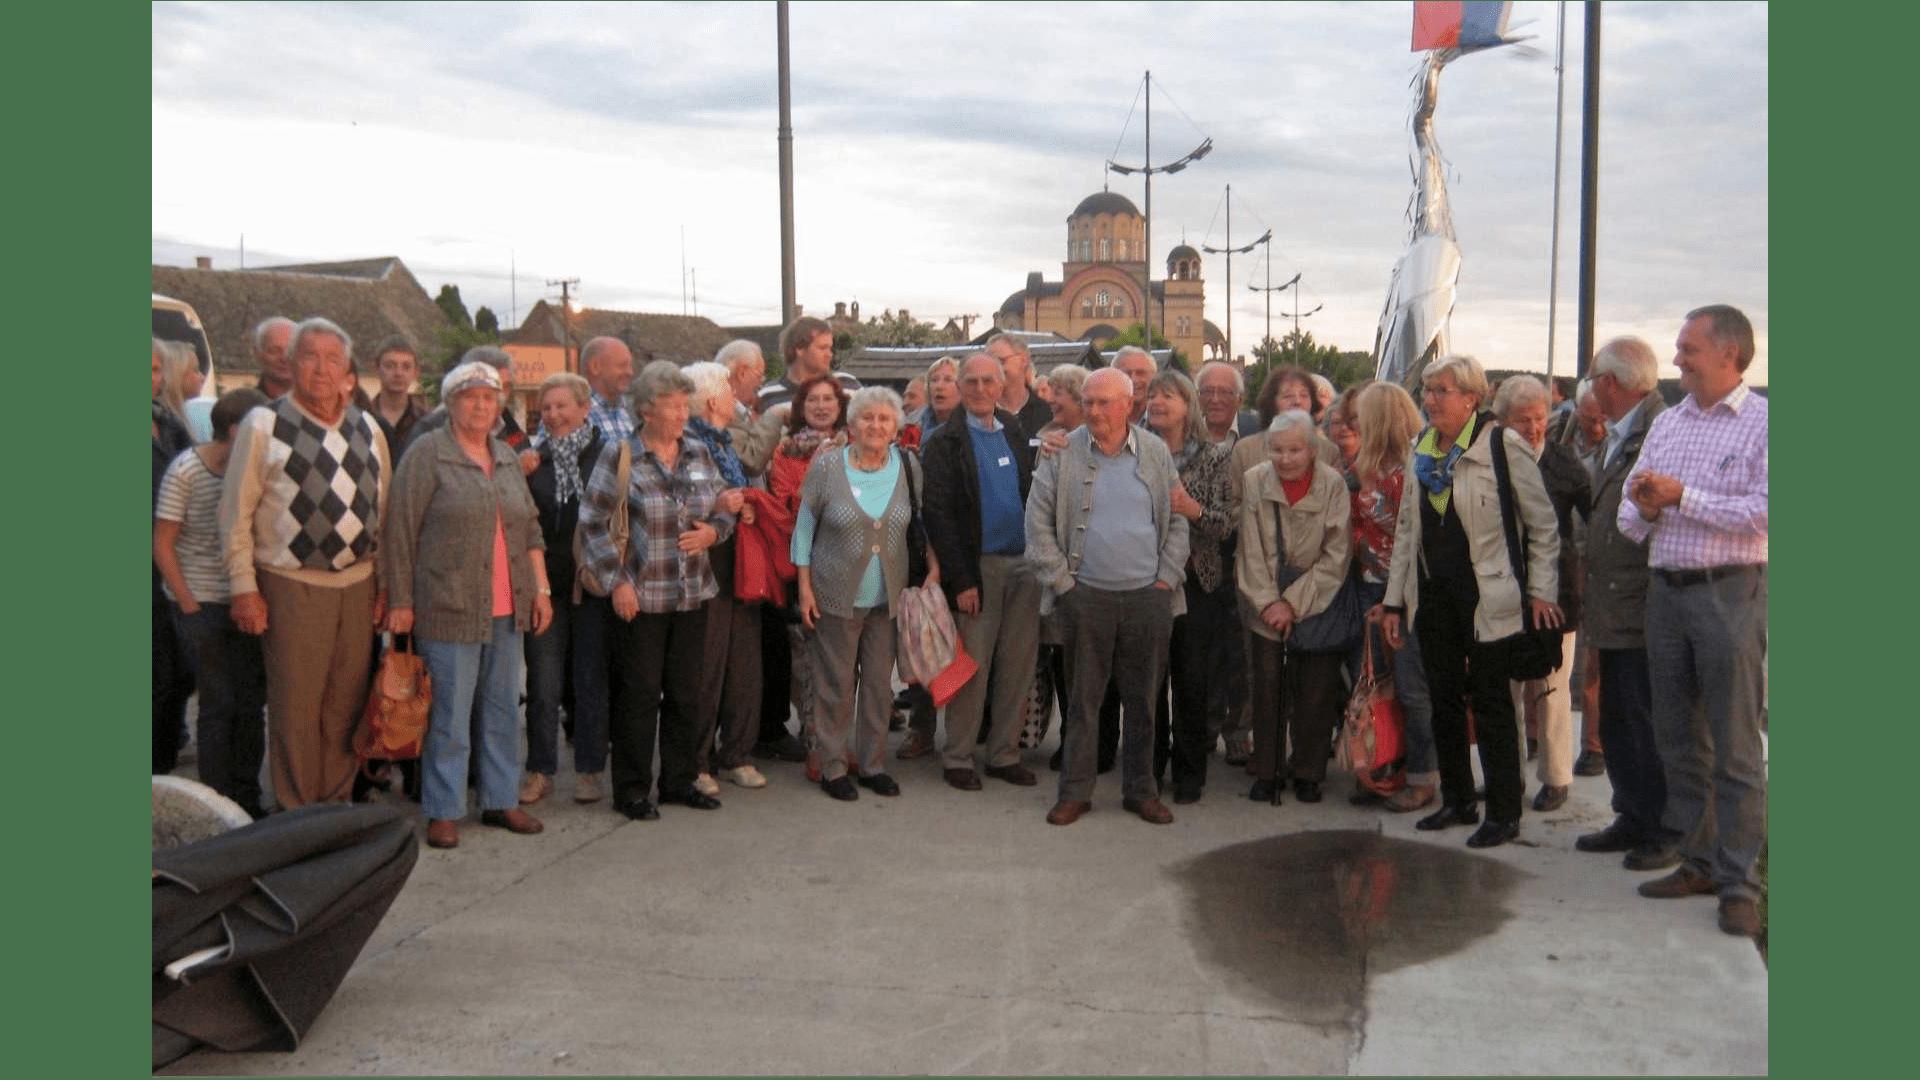 Busreisegruppe aus Stuttgart auf der Fahrt anläßlich 250 Jahre Gründung von Filipowa. Aufnahme am Donauufer Apatin. Foto: Archiv Freundeskreis Filipowa